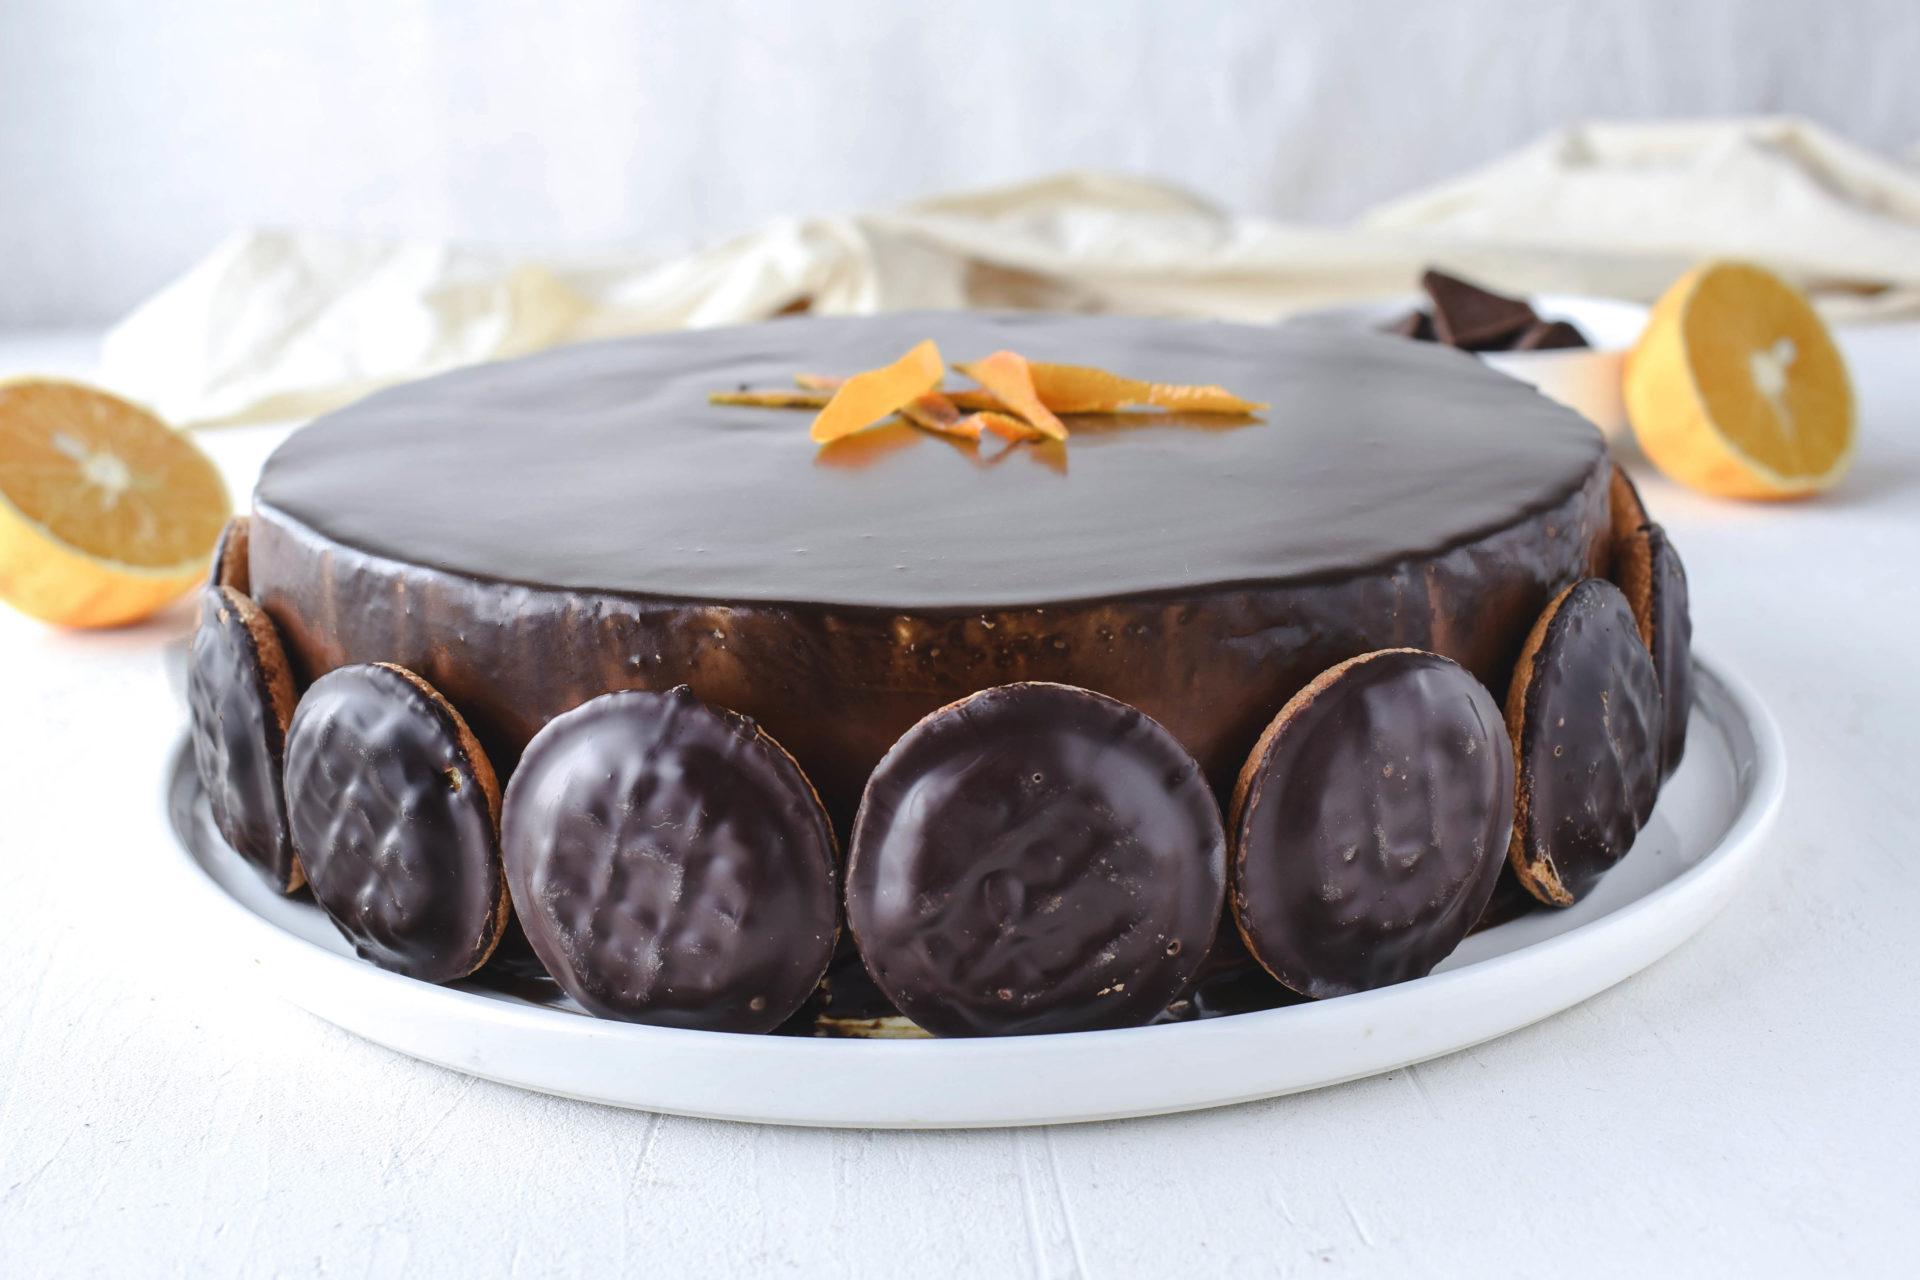 Soft Cake Torte Biskuittorte Mit Orangengelee Und Schokolade